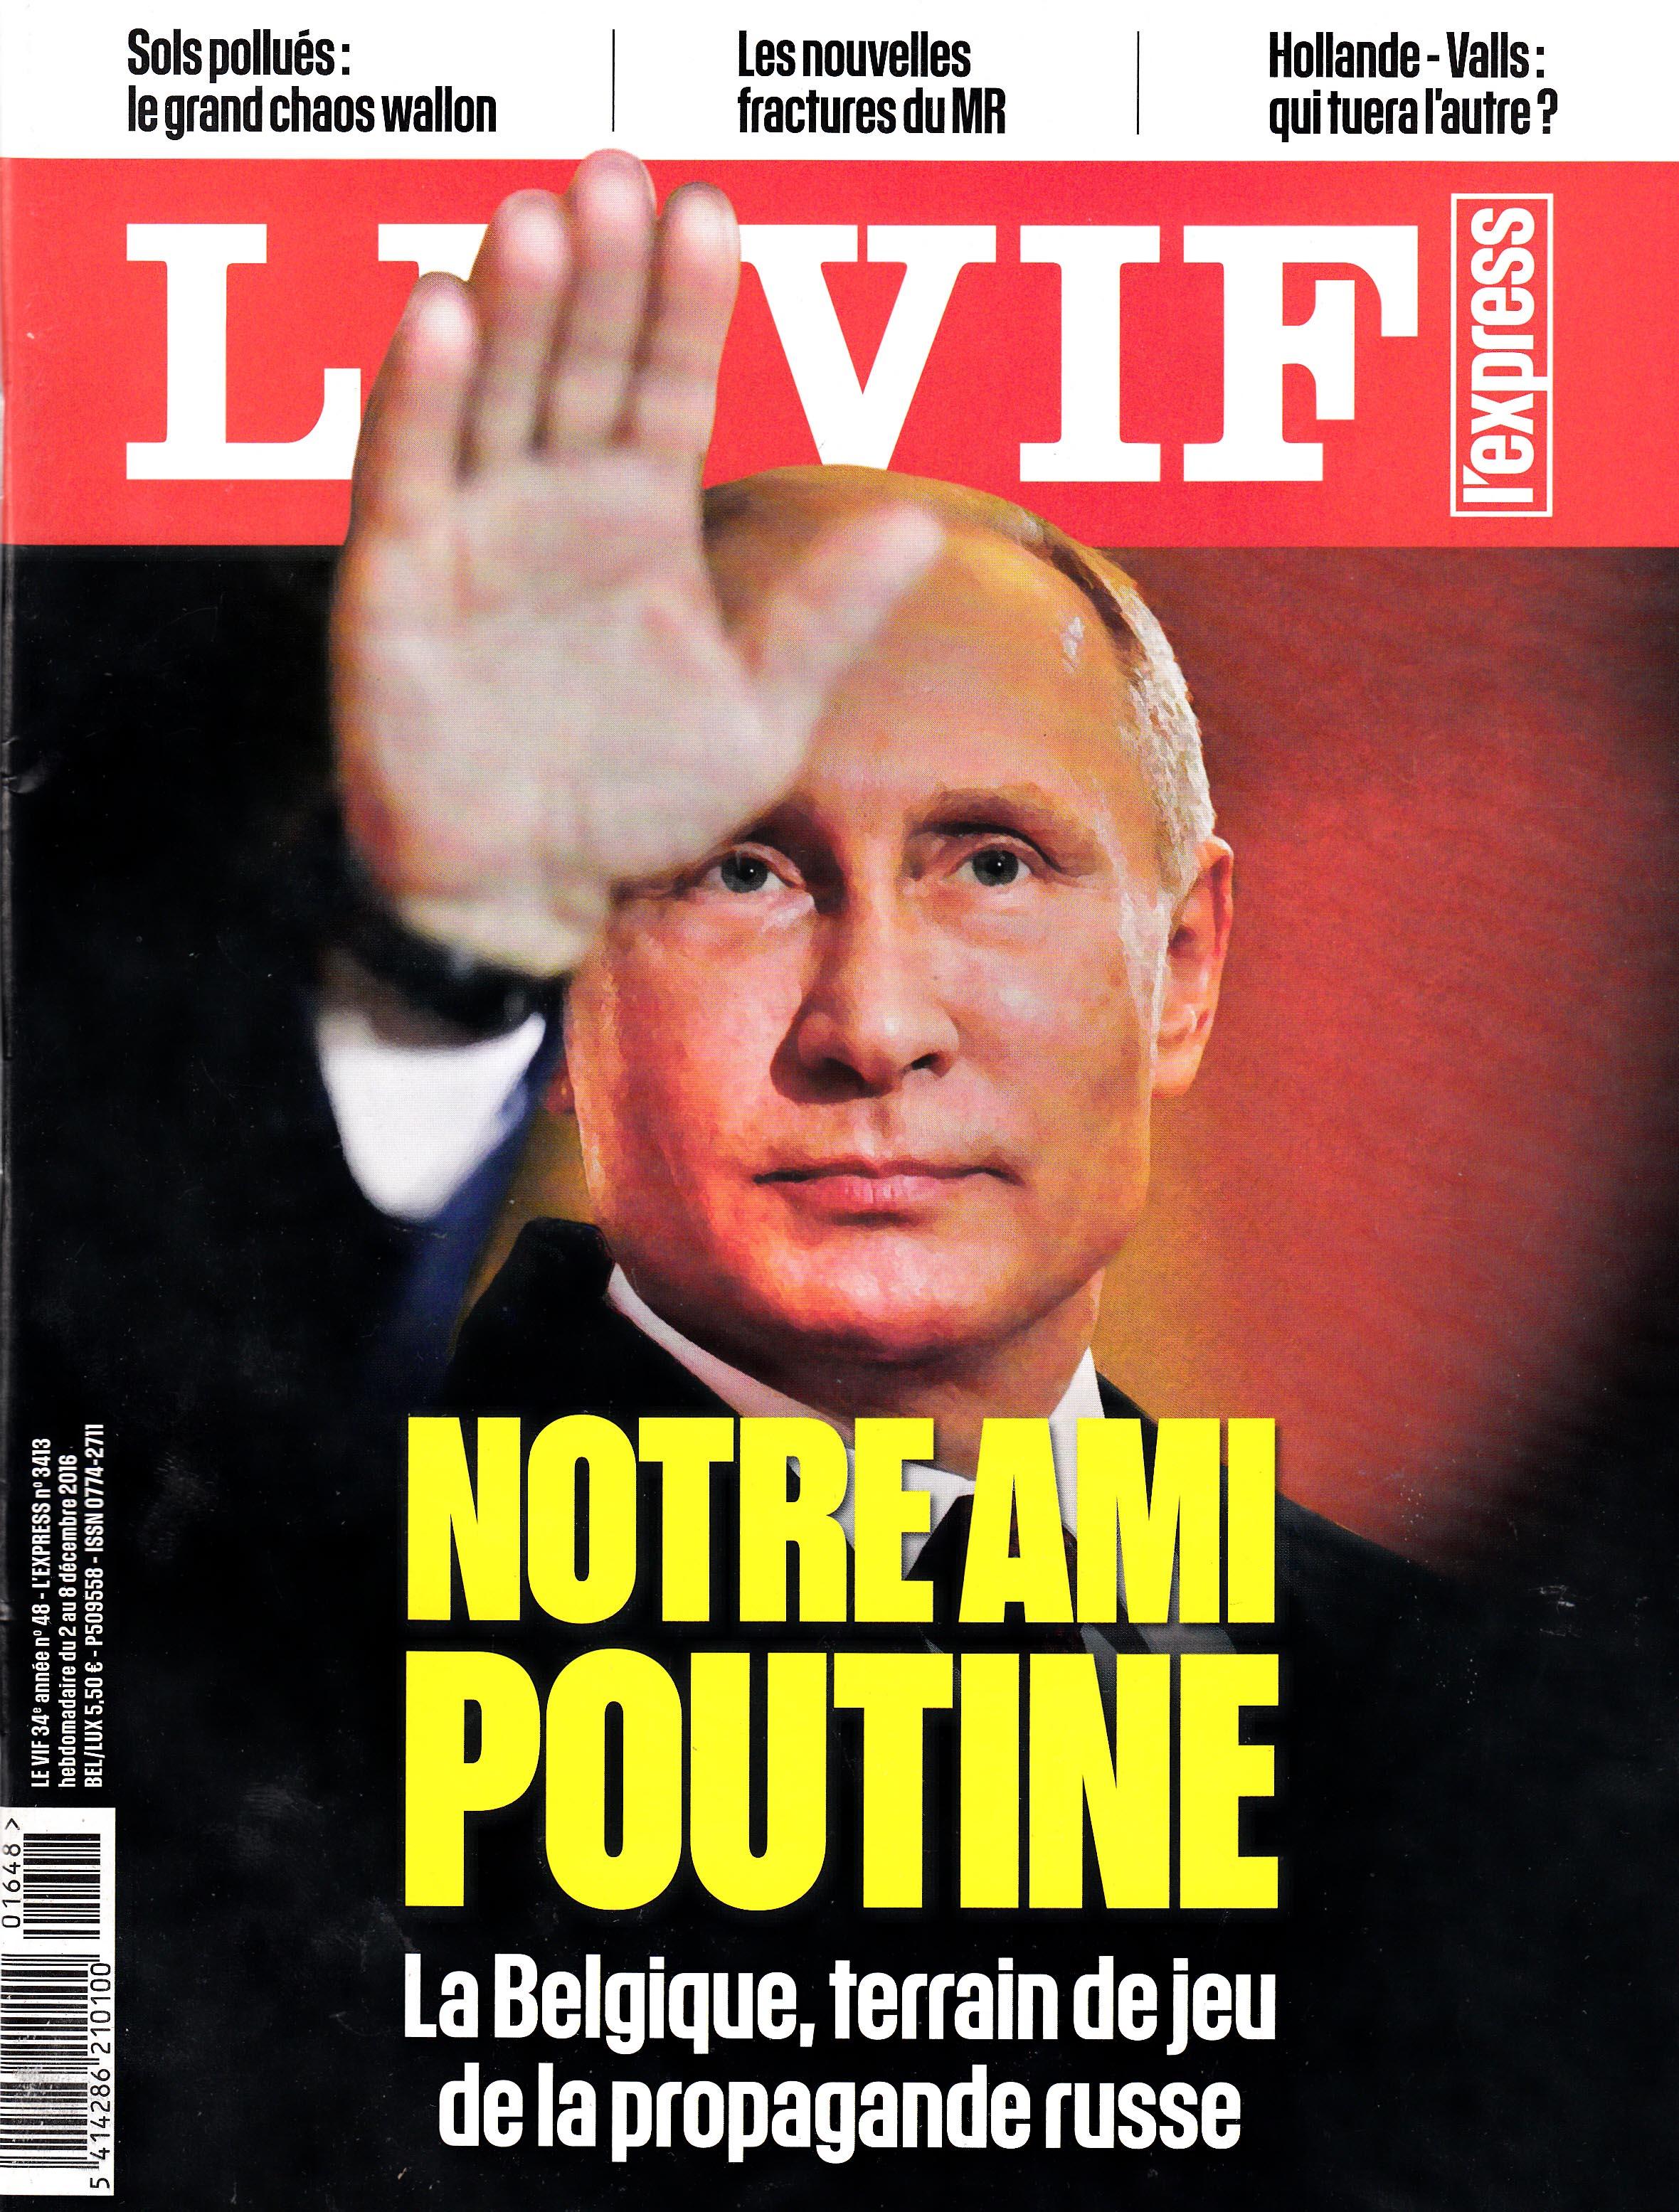 LM.NET - LM le vif cite lm (2016 12 15) FR